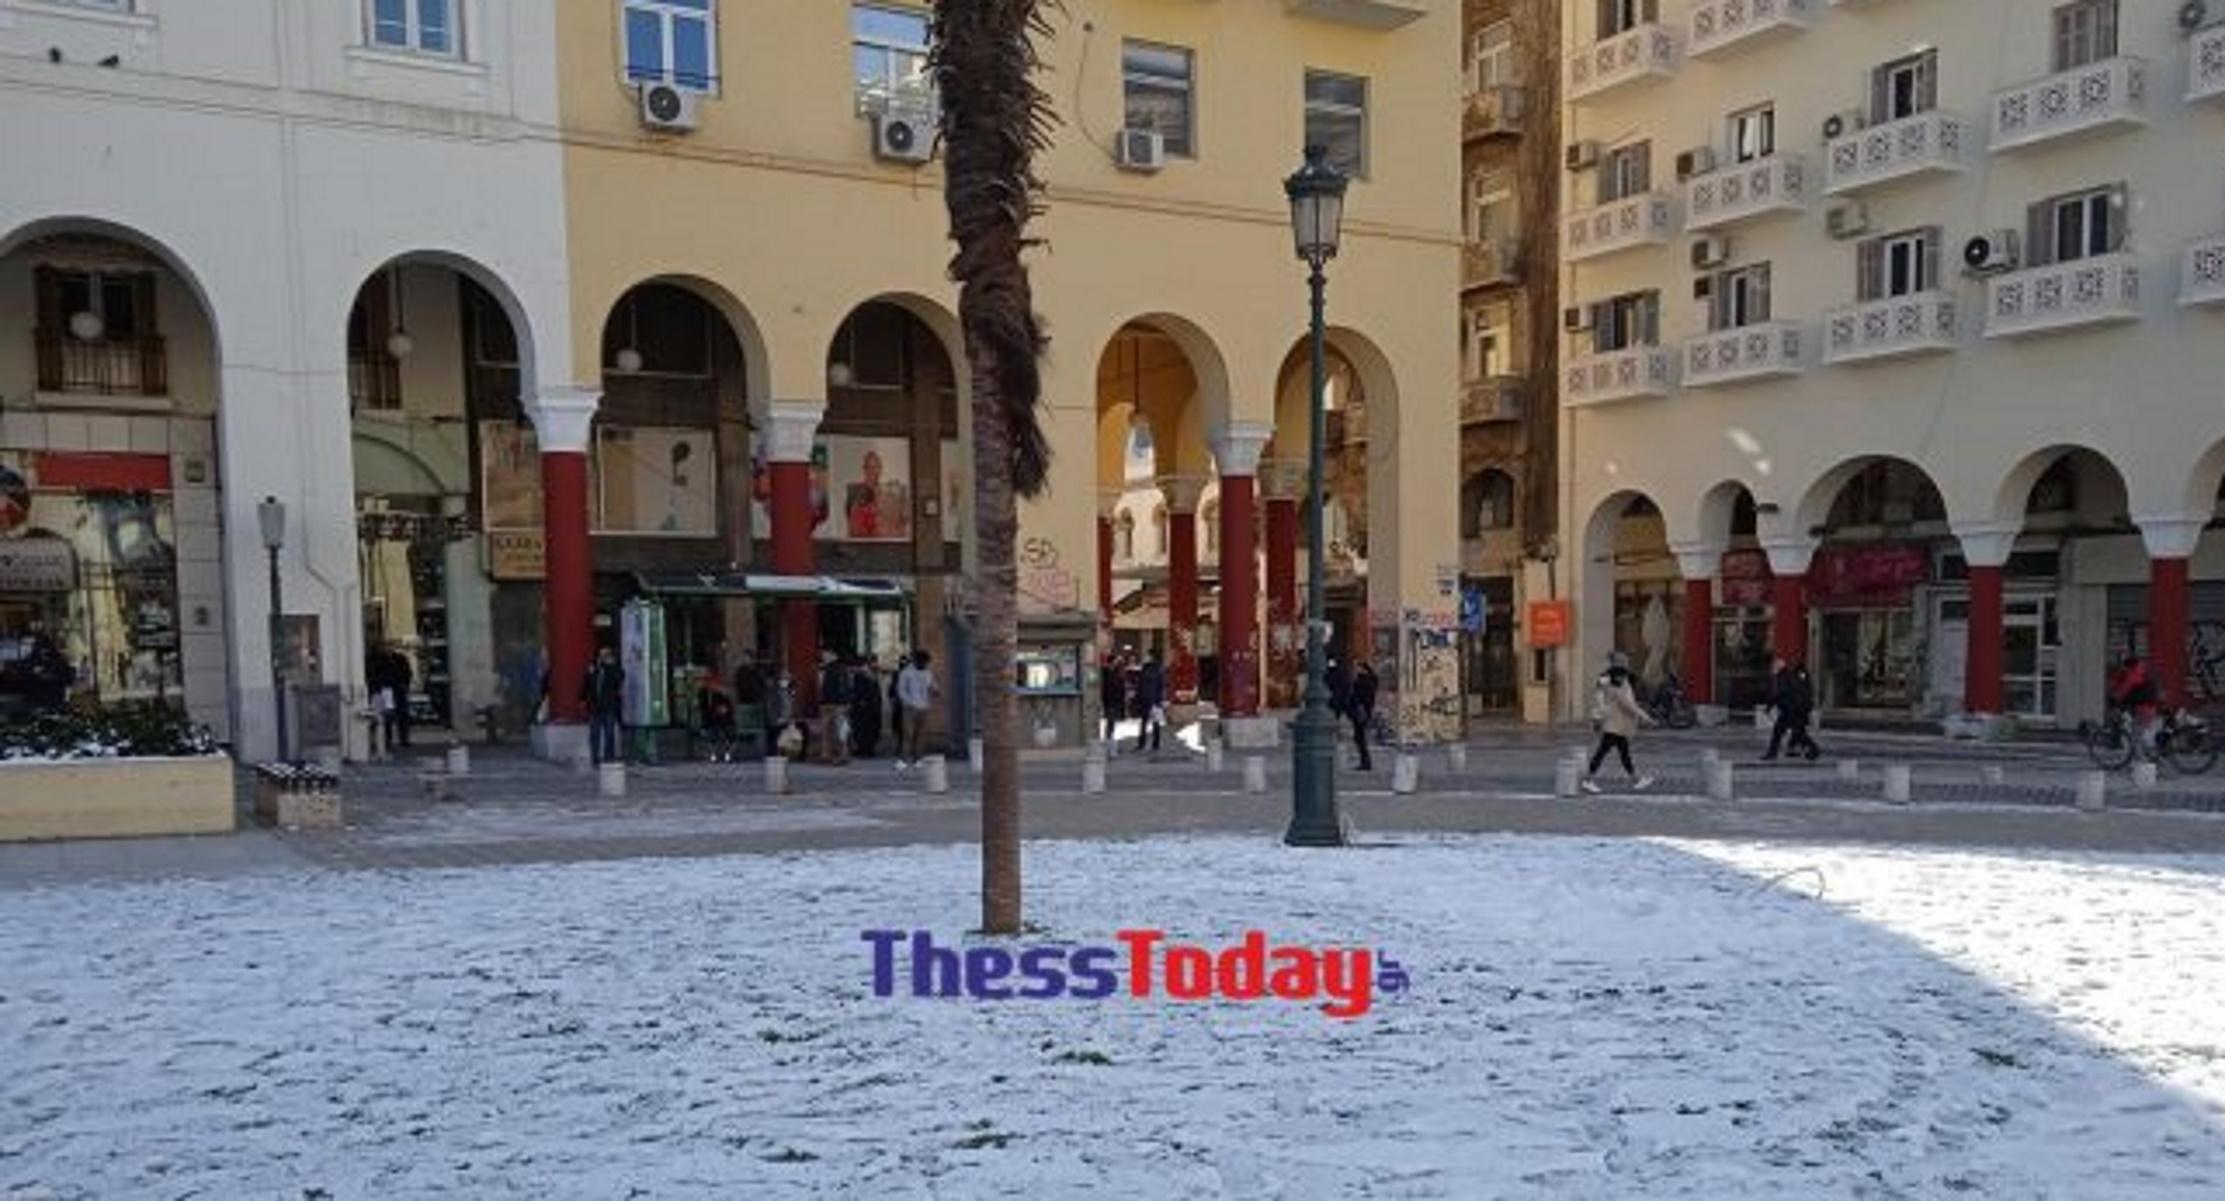 Καιρός – Θεσσαλονίκη: Ερημιά και παγωνιά μετά την επέλαση της Μήδειας (pics)